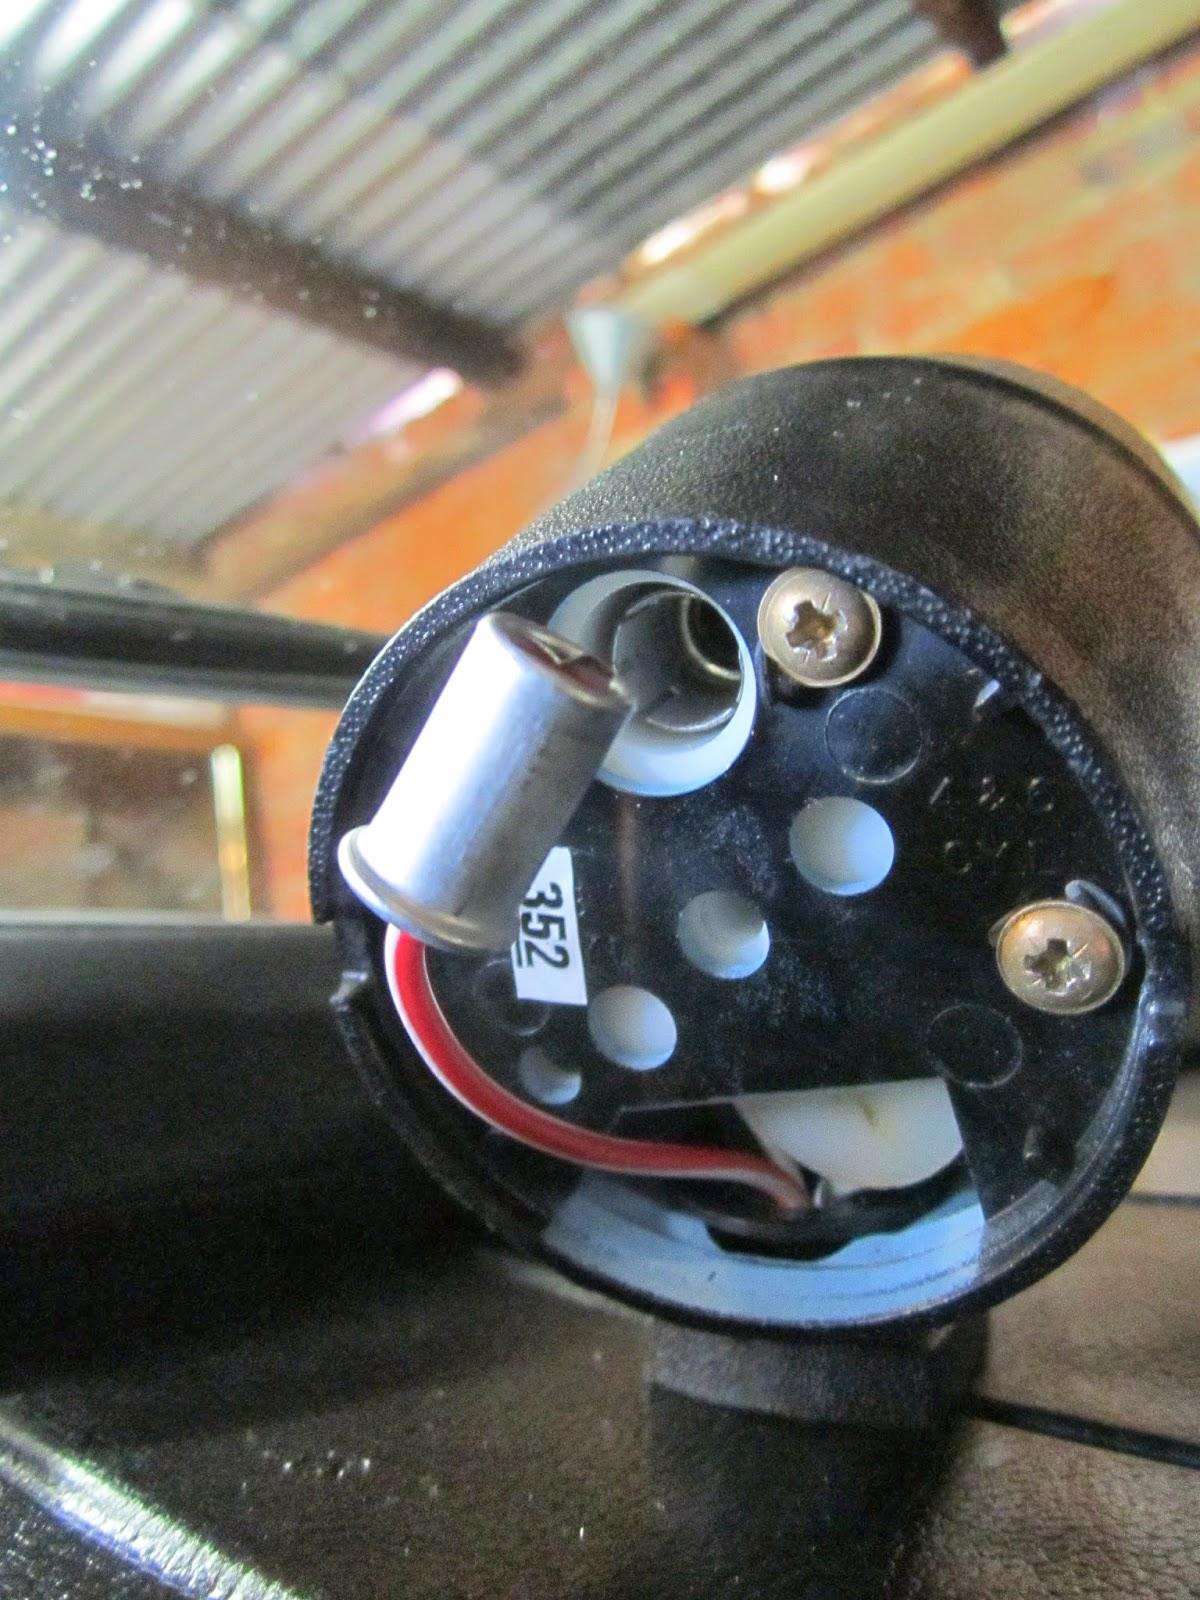 Removing Broken Light Bulb